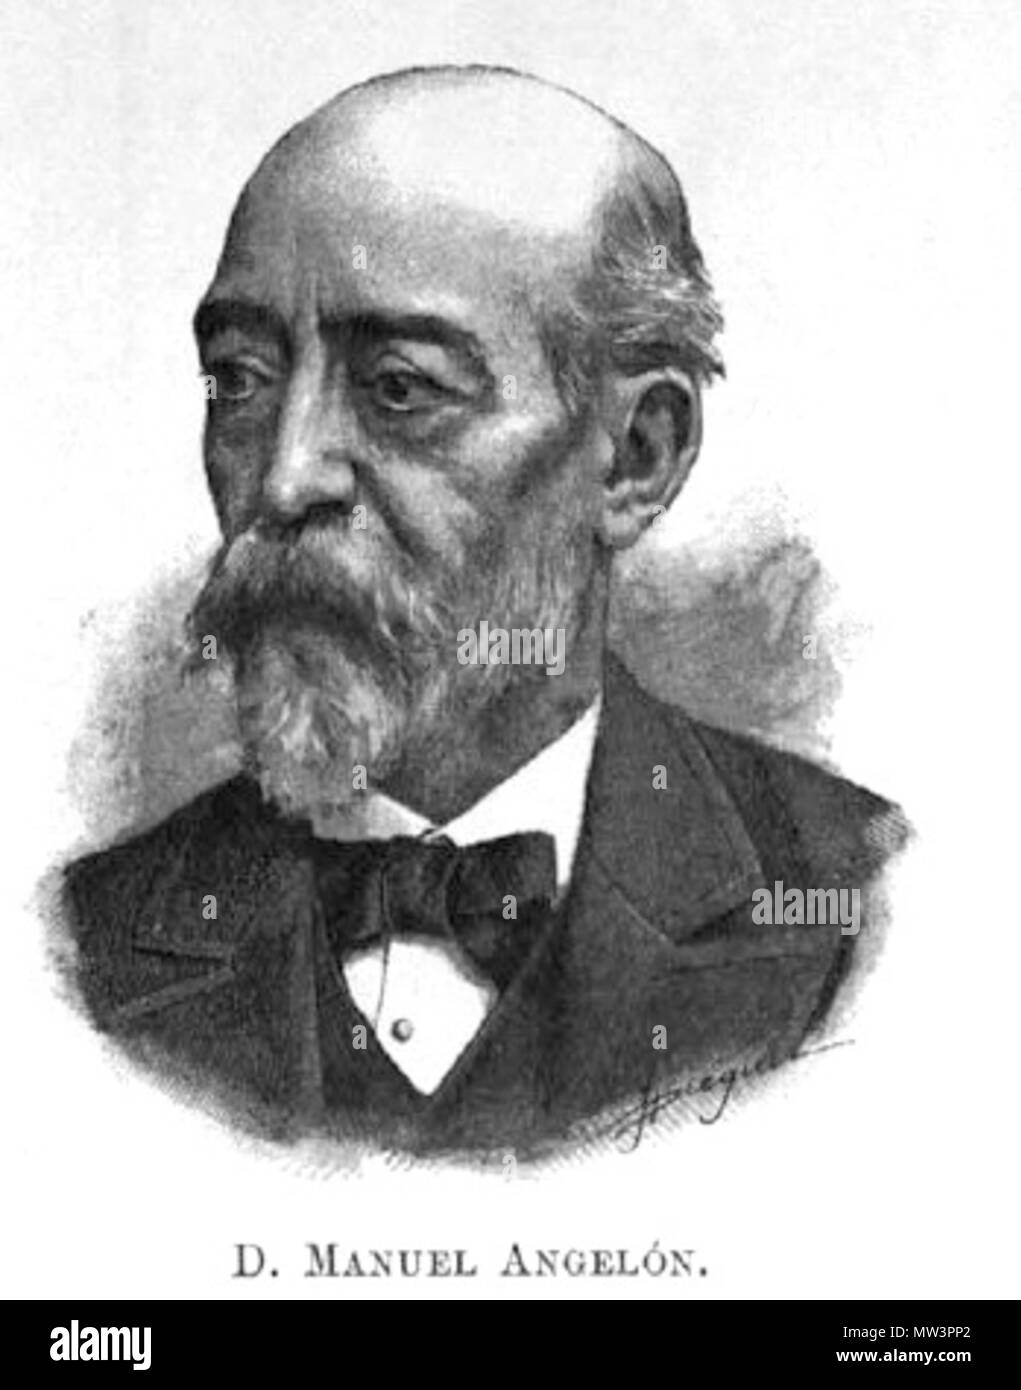 . Català: Manuel Angelon i Broquetas (Lleida, 1831 - Barcelona, 7 de maig, 1889) va ser un escriptor, dramaturg i periodista català. 1899. Unknown 391 Manuel Angelon Stock Photo